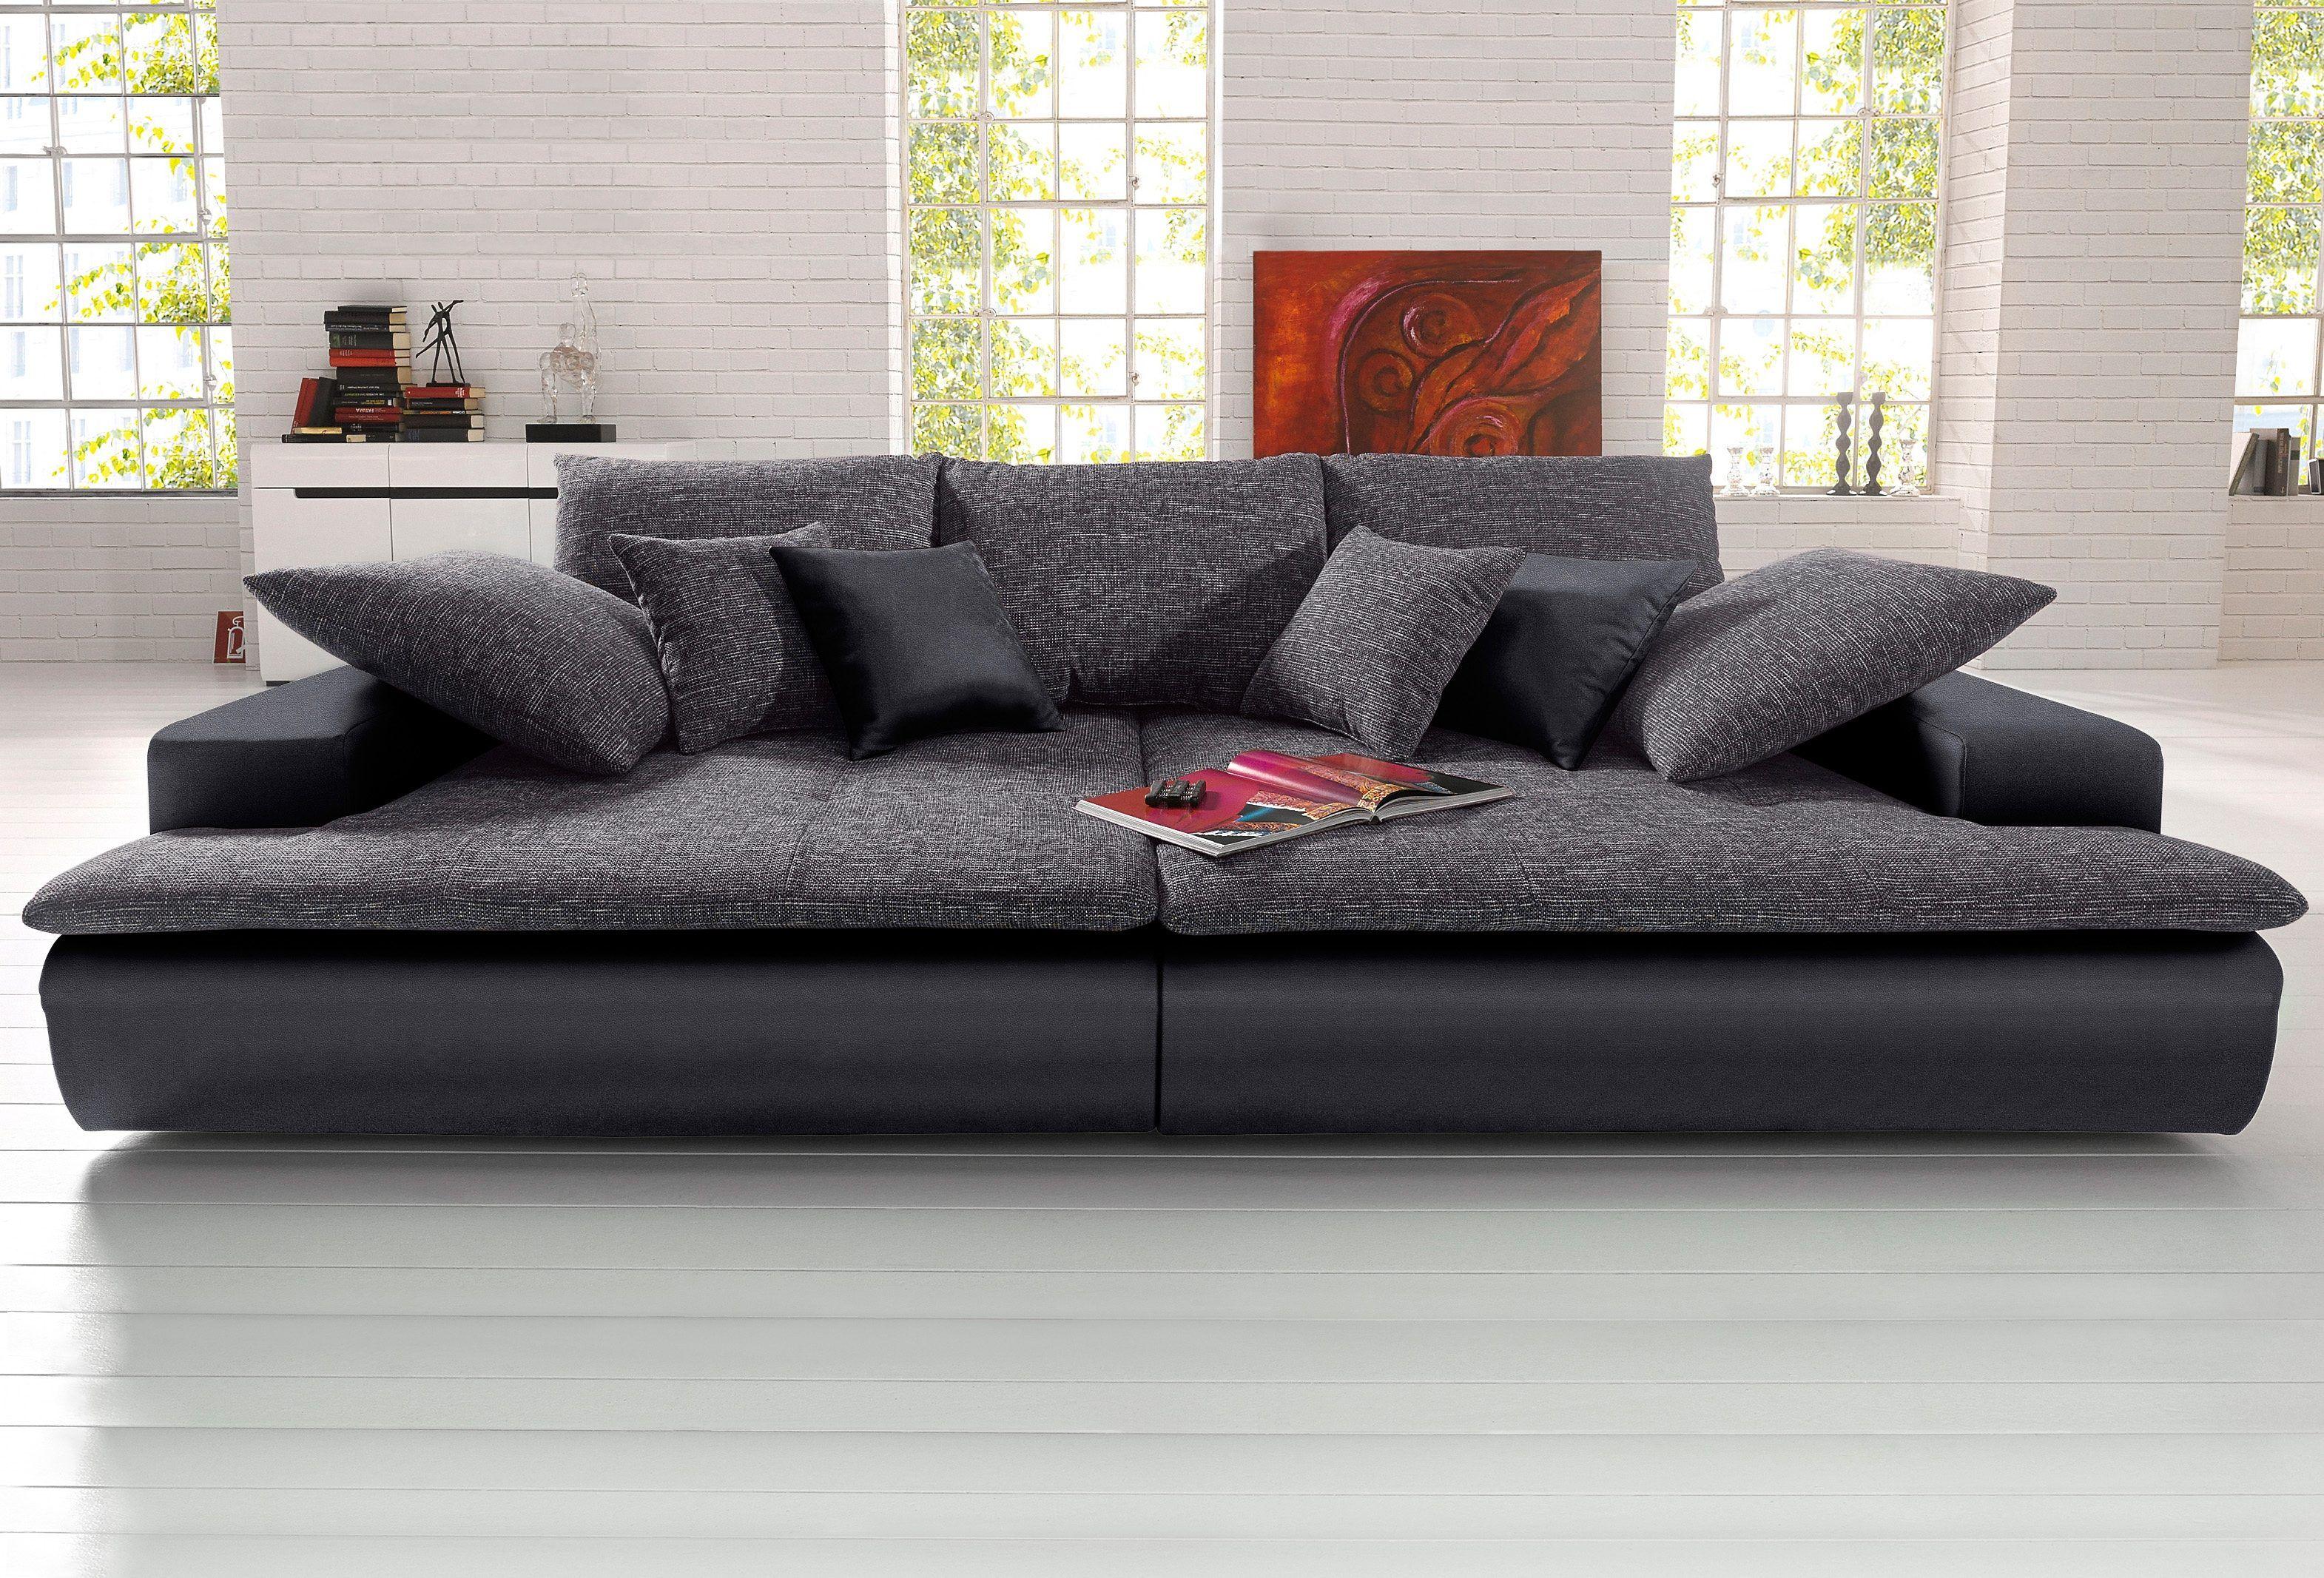 Bigsofa Schwarz 260cm Breite Fsc Zertifiziert Inklusive Loser Zier Und Ruckenkissen Yourhome Jetzt Bestellen Unter Https Moeb Moderne Couch Sofa Sofas